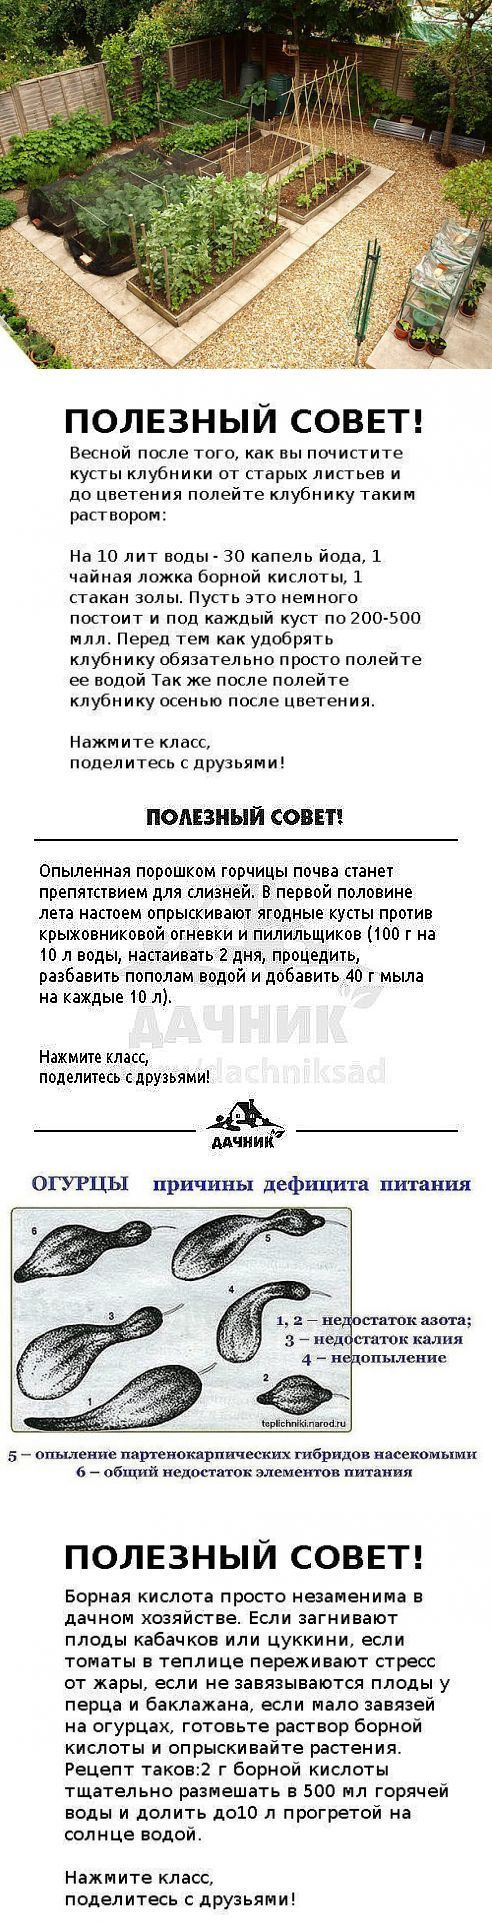 (12) Одноклассники: